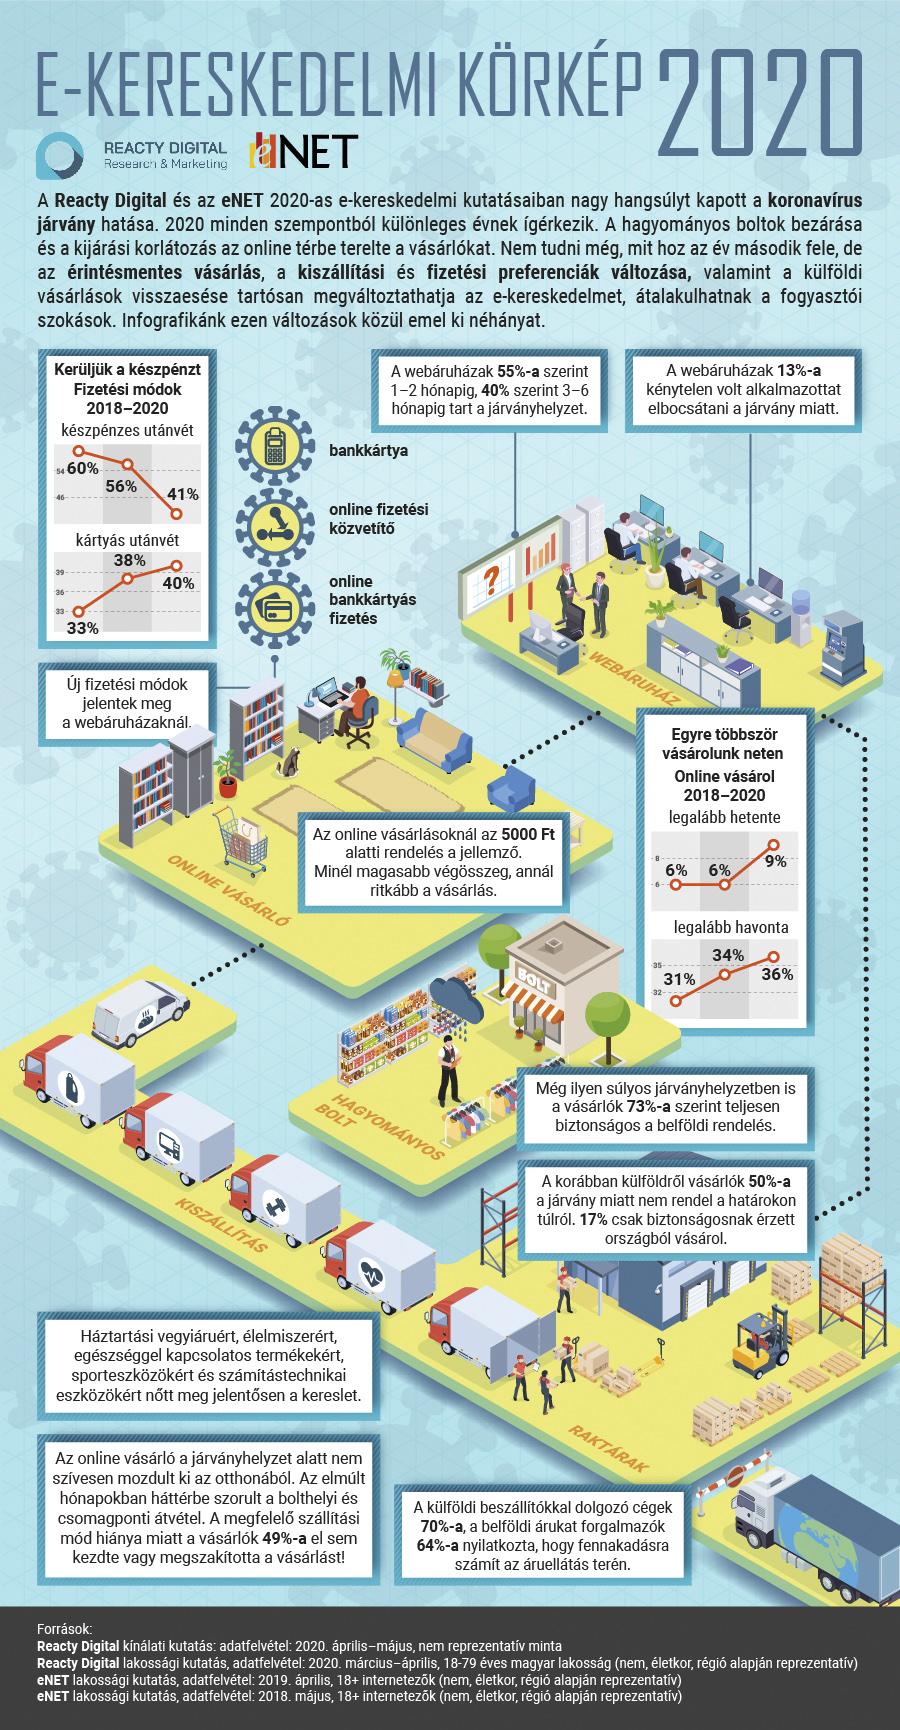 Reacty Digital: új szintre léphet a hazai e-kereskedelem